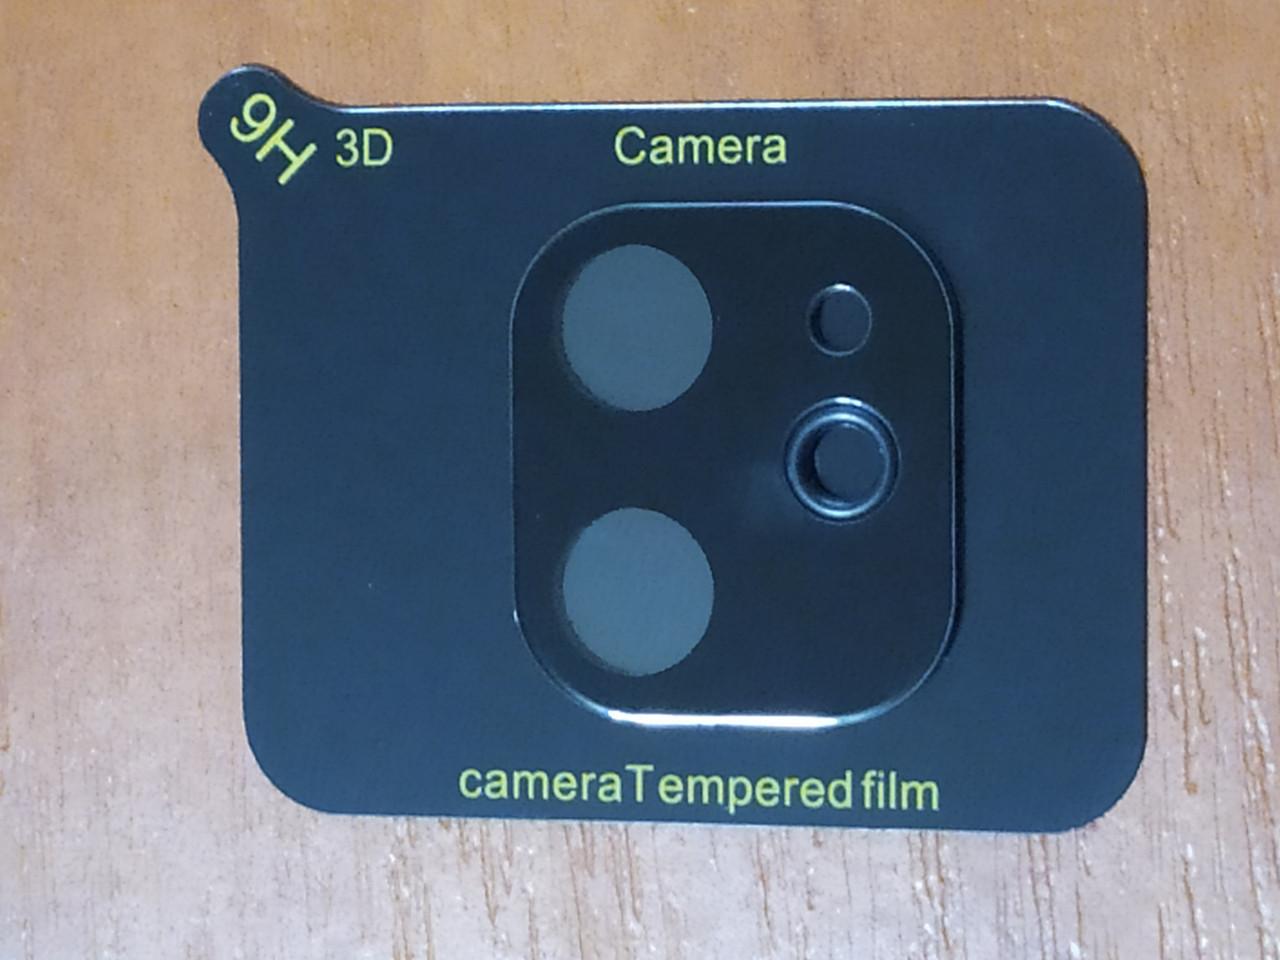 Стекло на камеру Camera  Tempered Glass 3D / 9H  iPhone 11 2019  (черное)